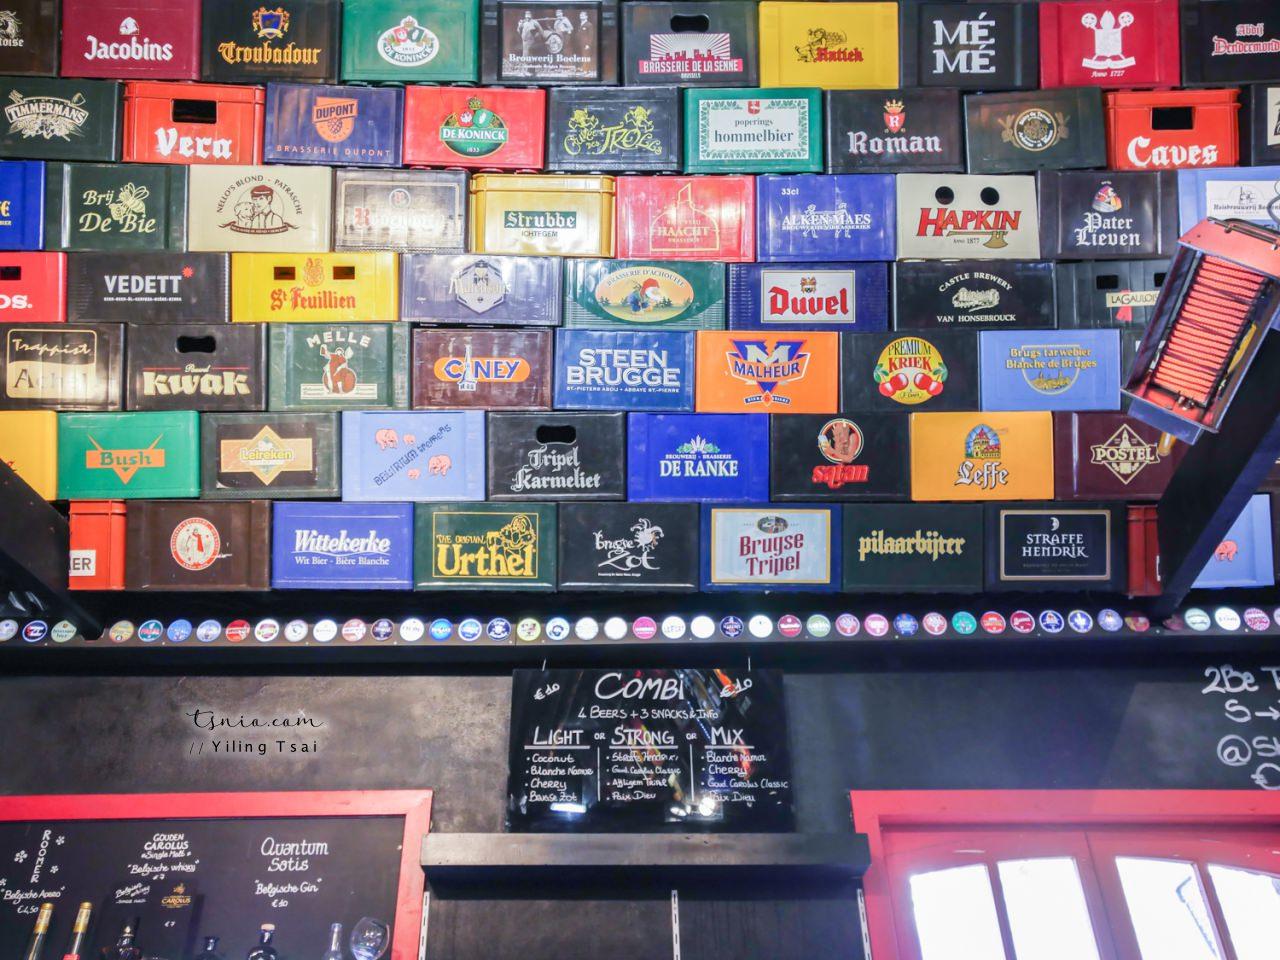 比利時布魯日啤酒推薦 2Be 河岸旁啤酒專賣店酒吧 布魯日啤酒牆